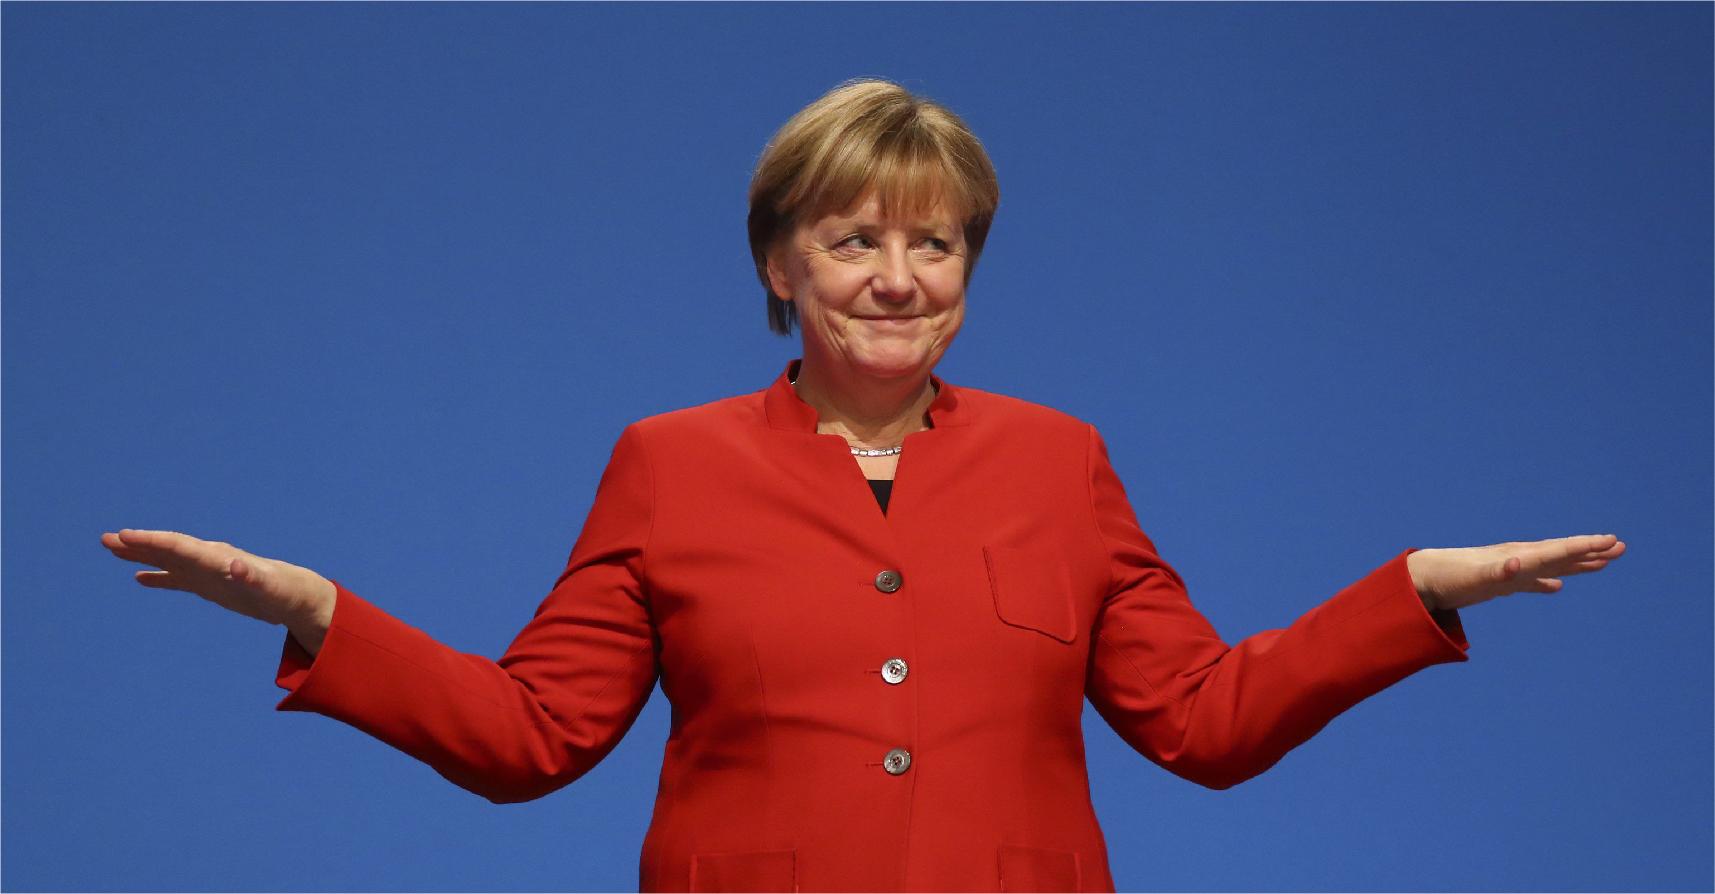 صورة ميركل تفوز بالرئاسة مرة رابعة لتواصل حثها زعماء العالم الثالث عدم التشبث بالسلطة